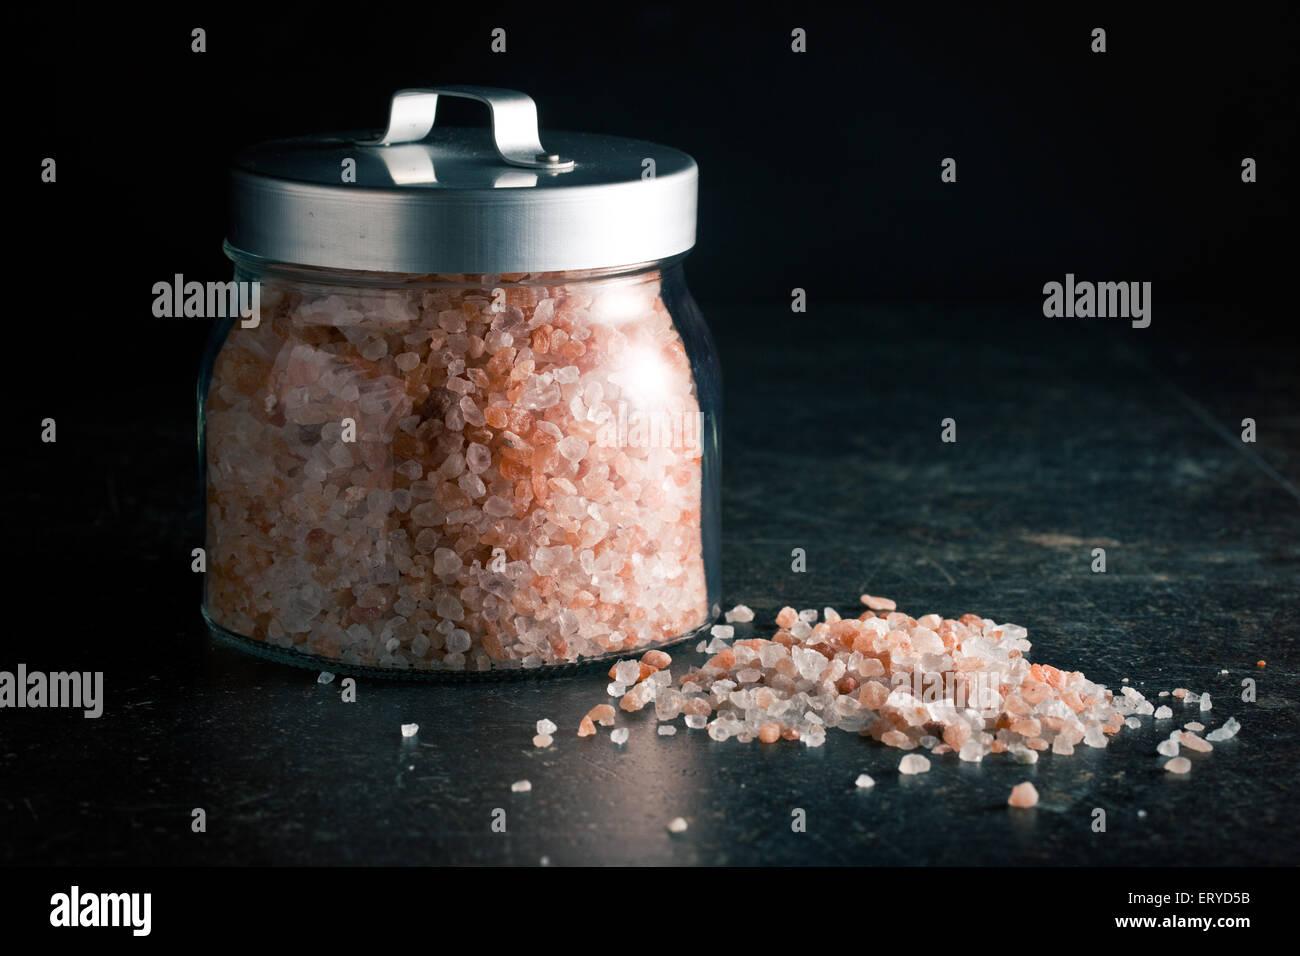 Himalaya-Salz in Glas auf Küchentisch Stockbild